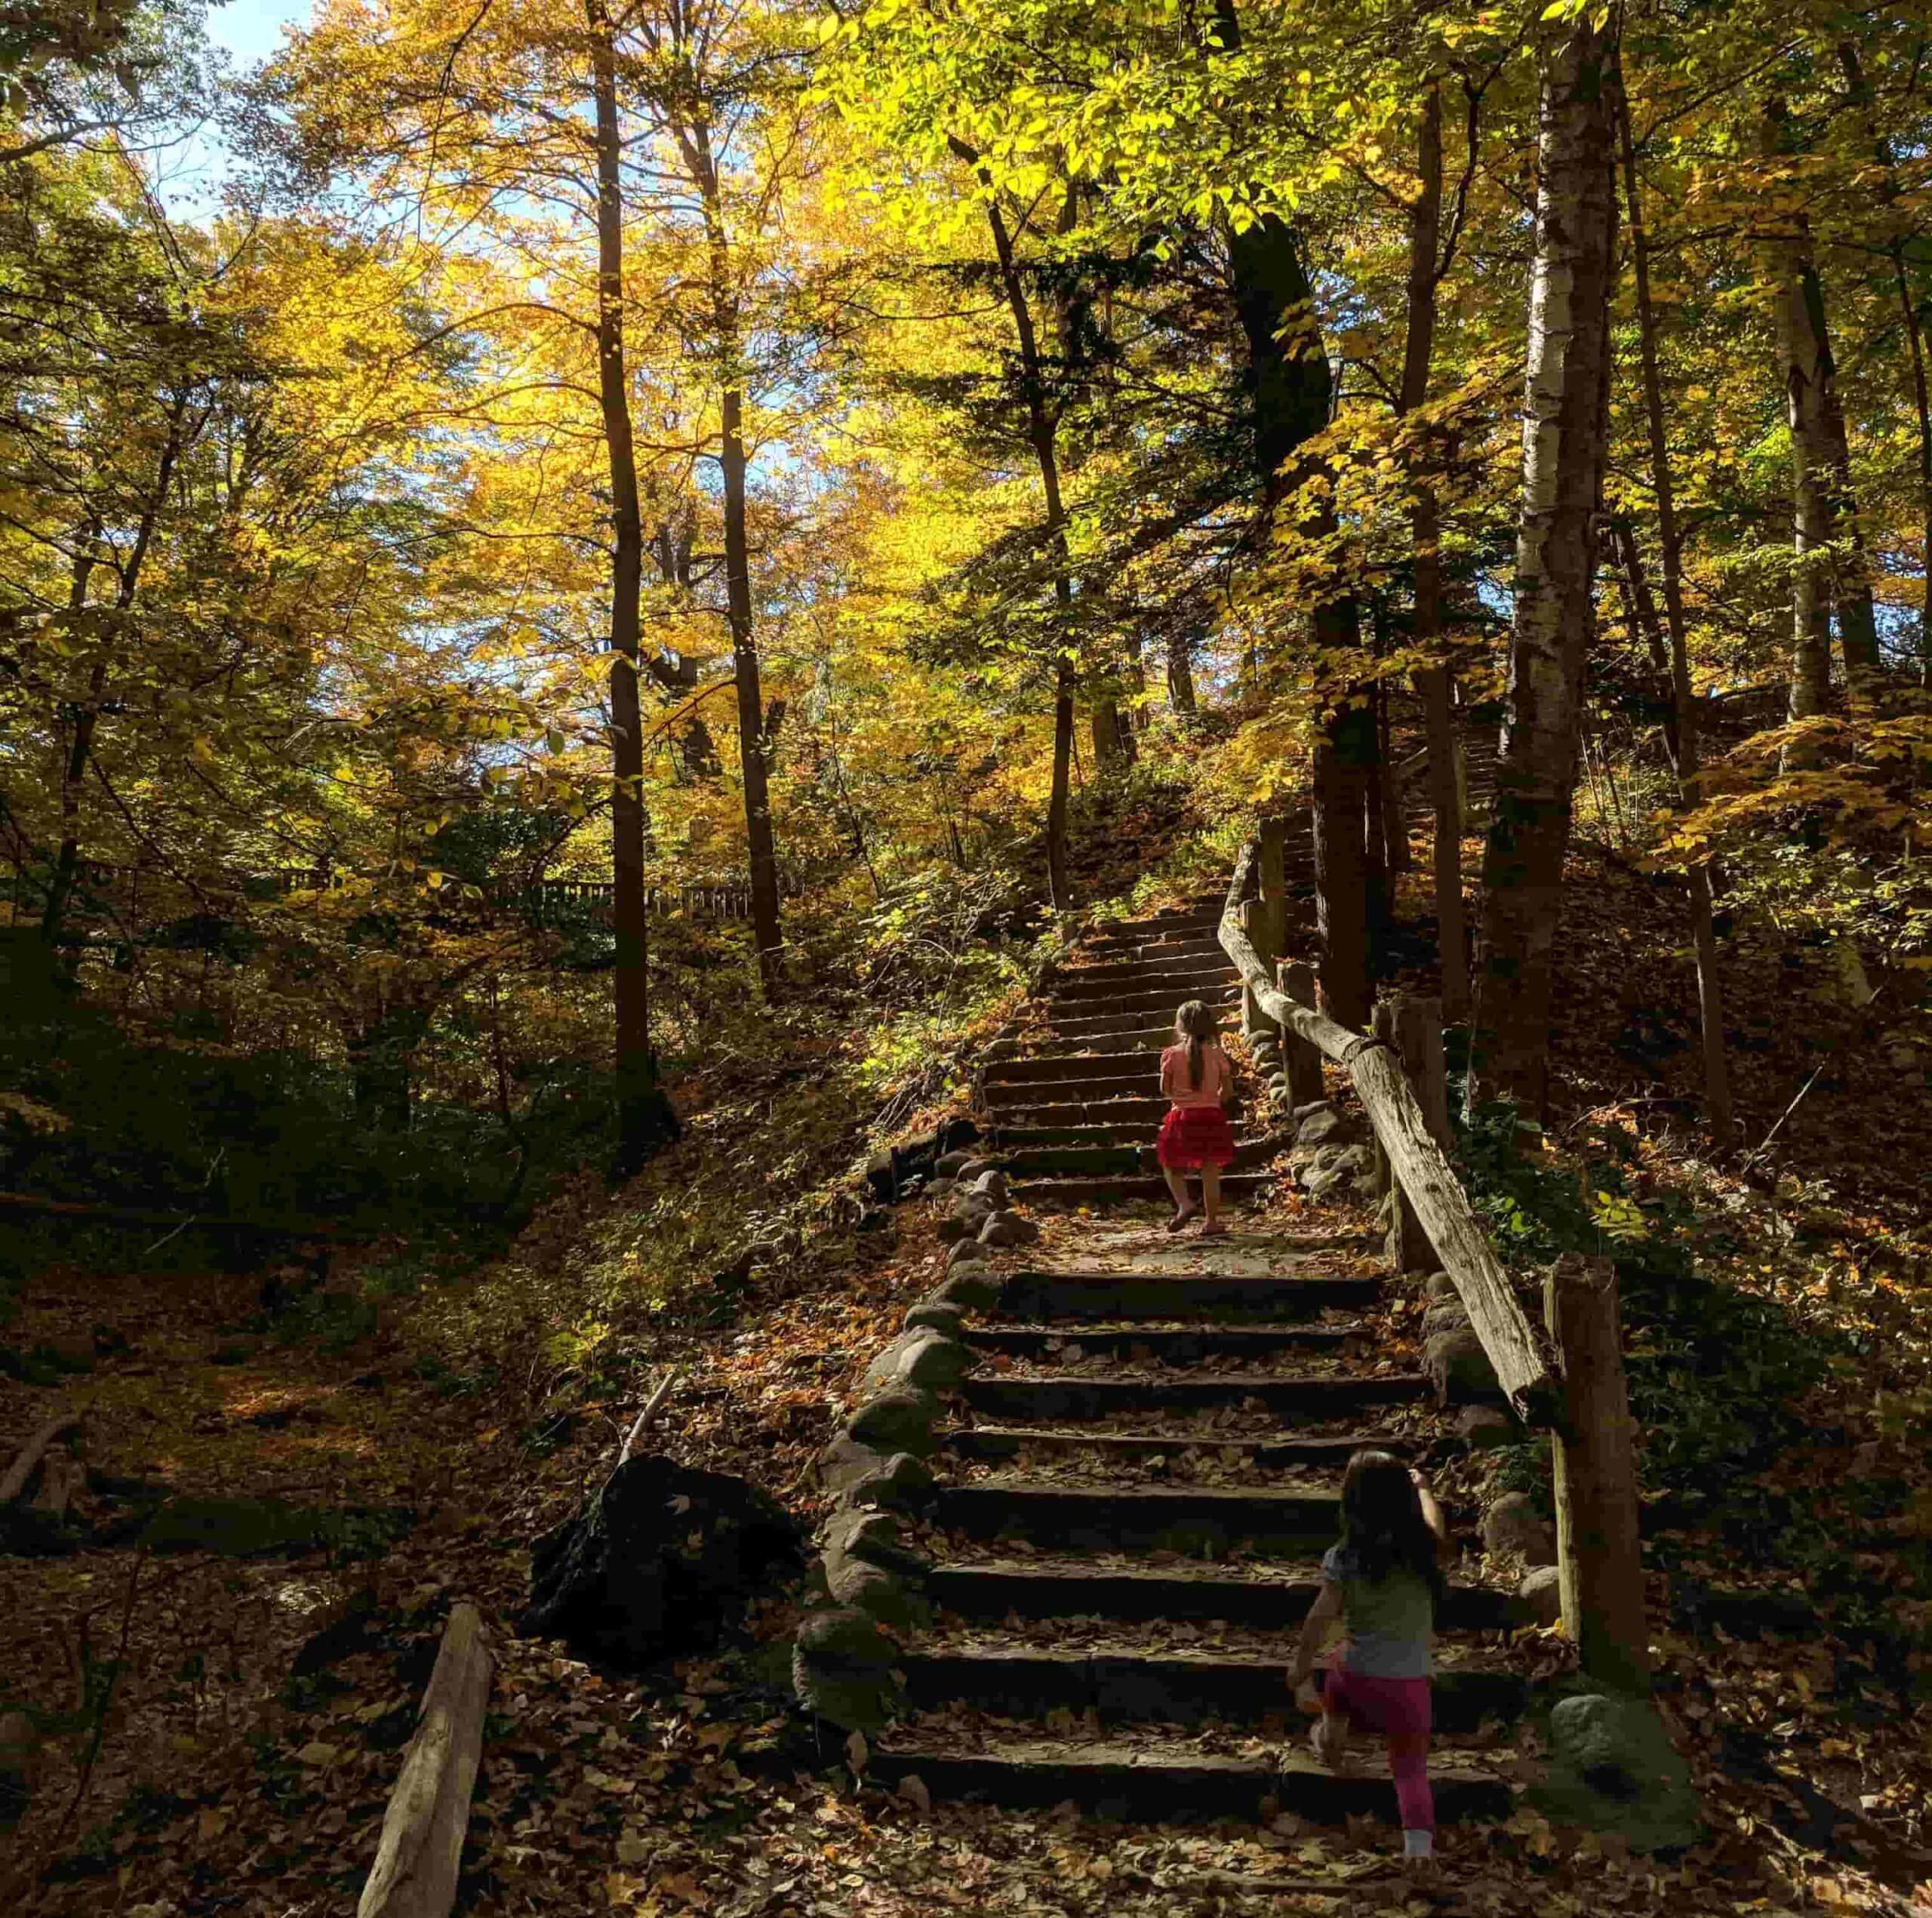 Grant Park's Seven Bridges Trail wisconsin